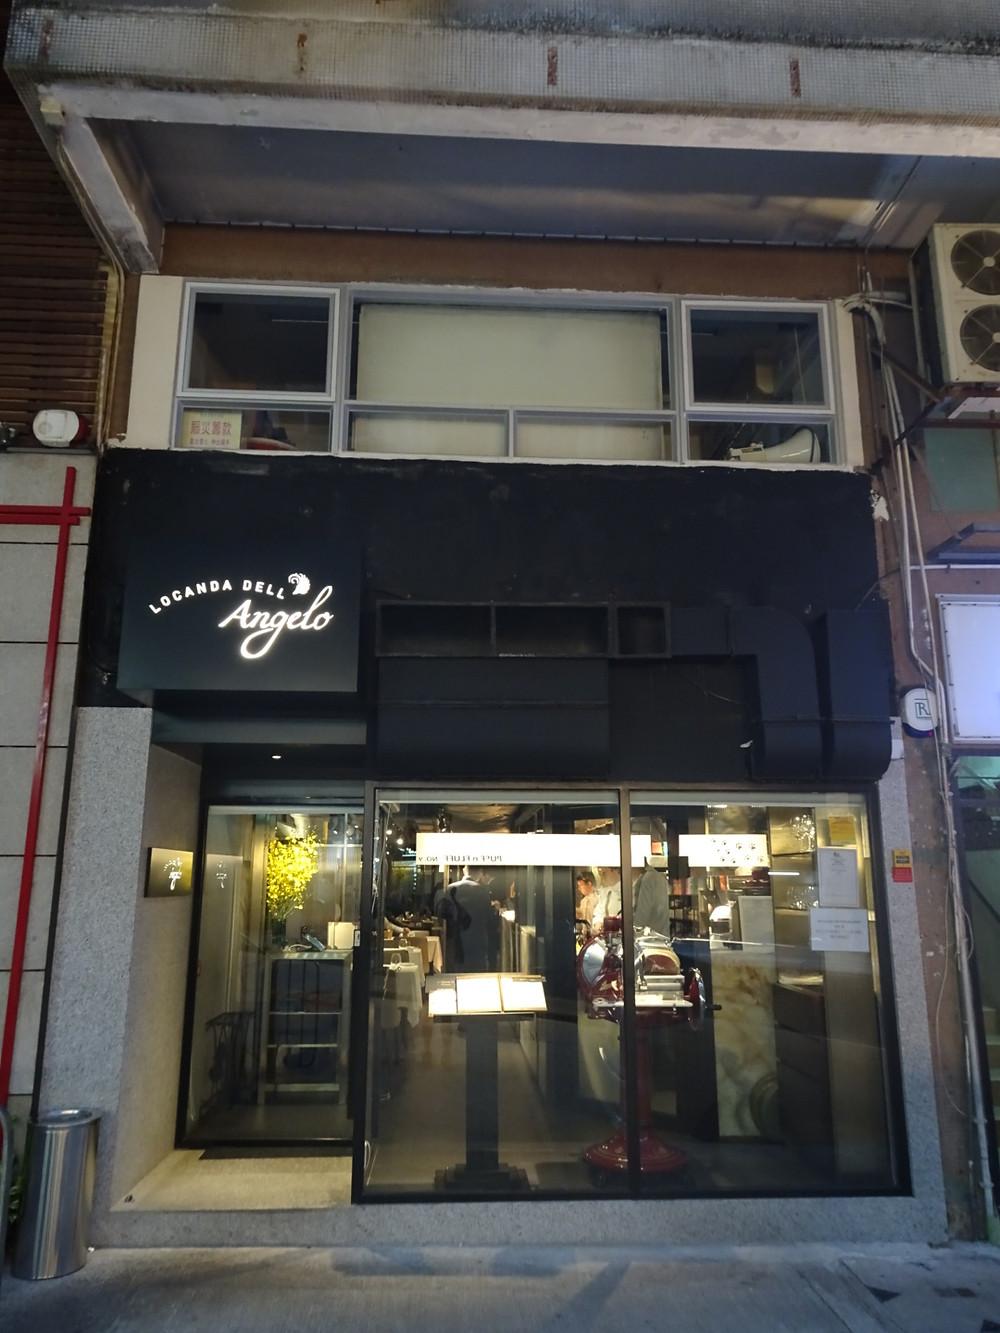 Locanda dell'Angelo, Italian restaurant, Hong Kong